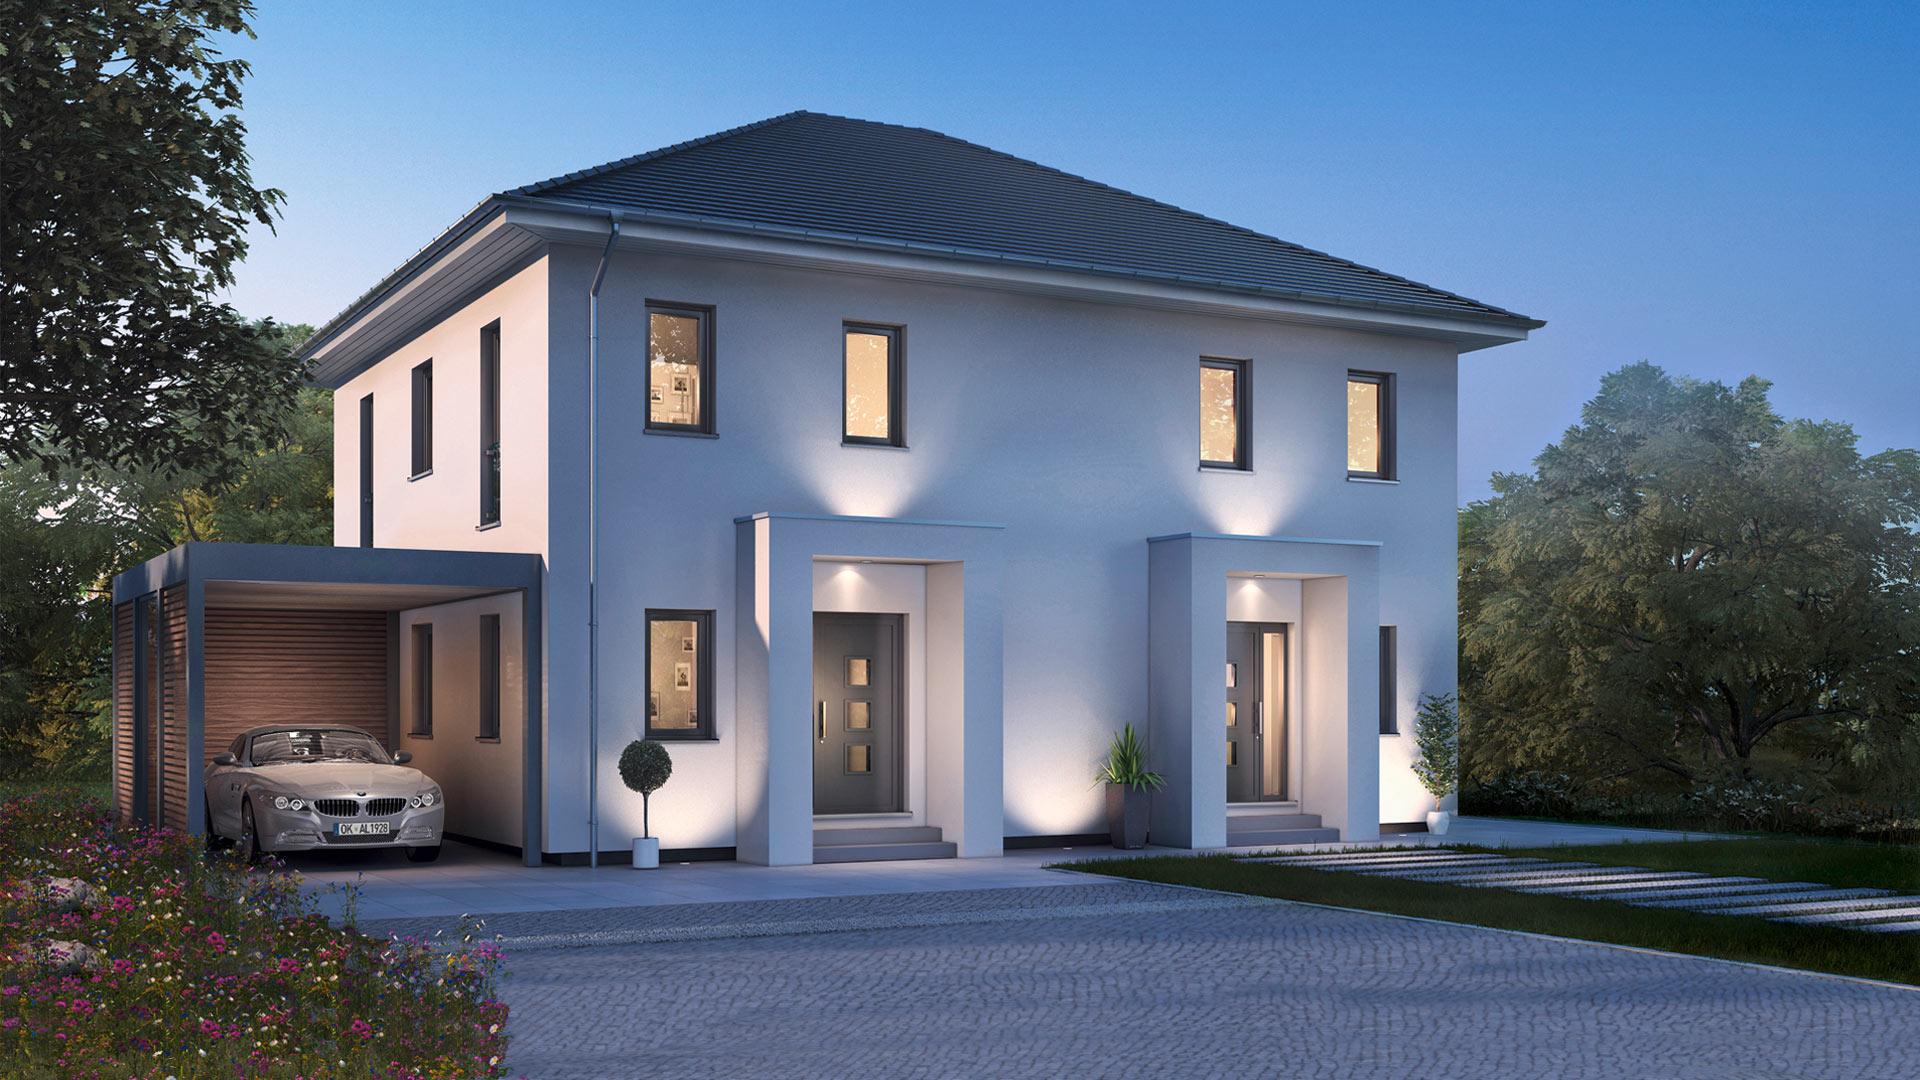 wrg 5660 okal haus renovieren 3. Black Bedroom Furniture Sets. Home Design Ideas